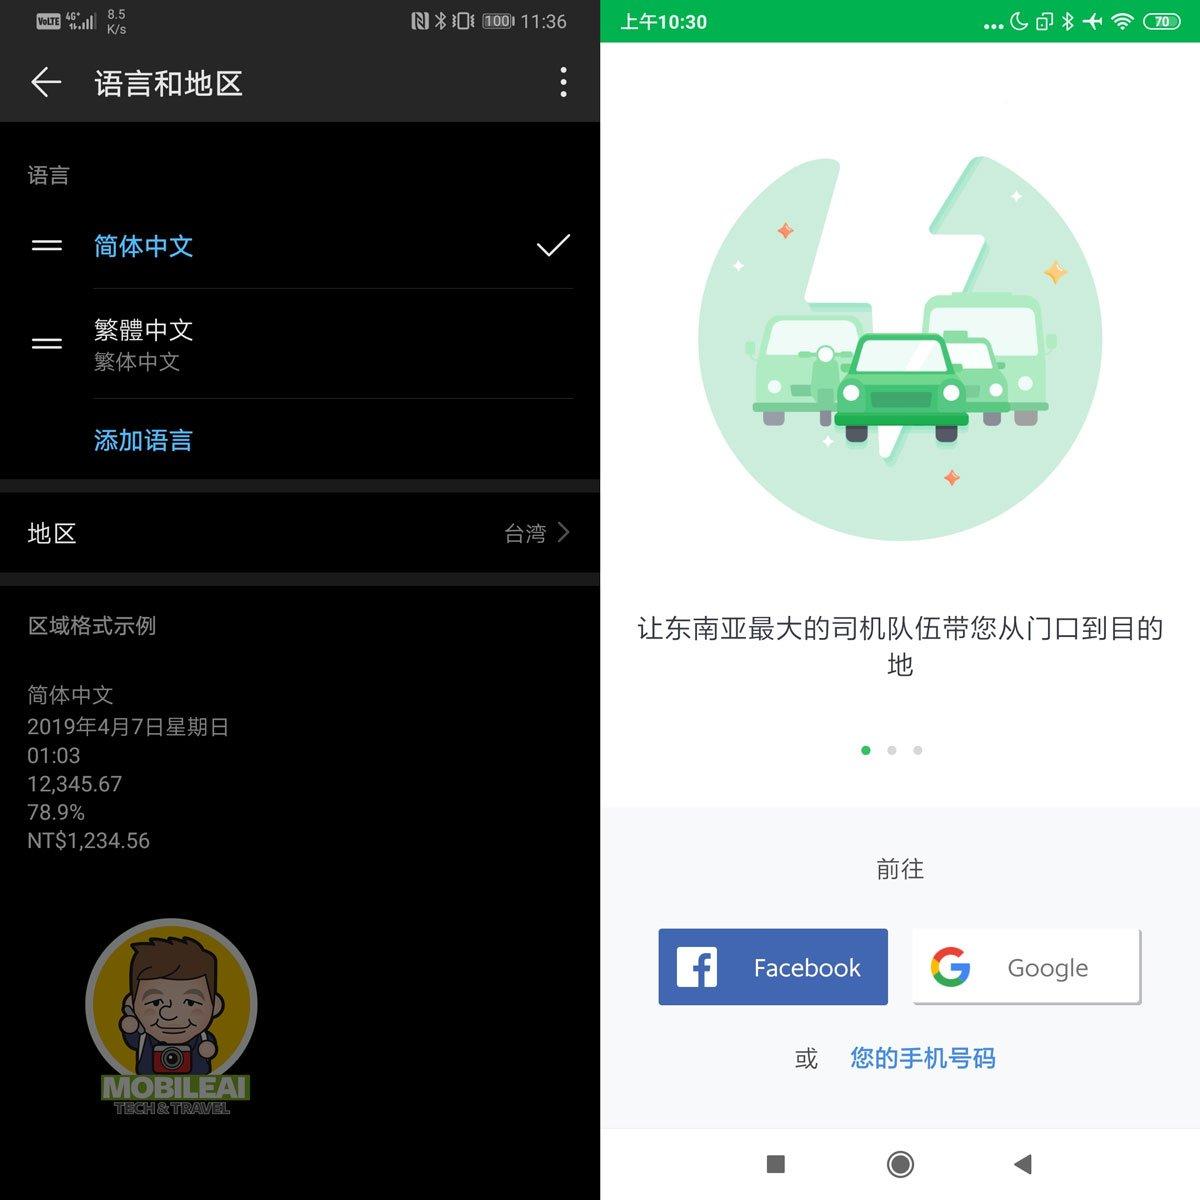 Grab 叫車 APP 安裝教學、信用卡、中文顯示方式與注意事項